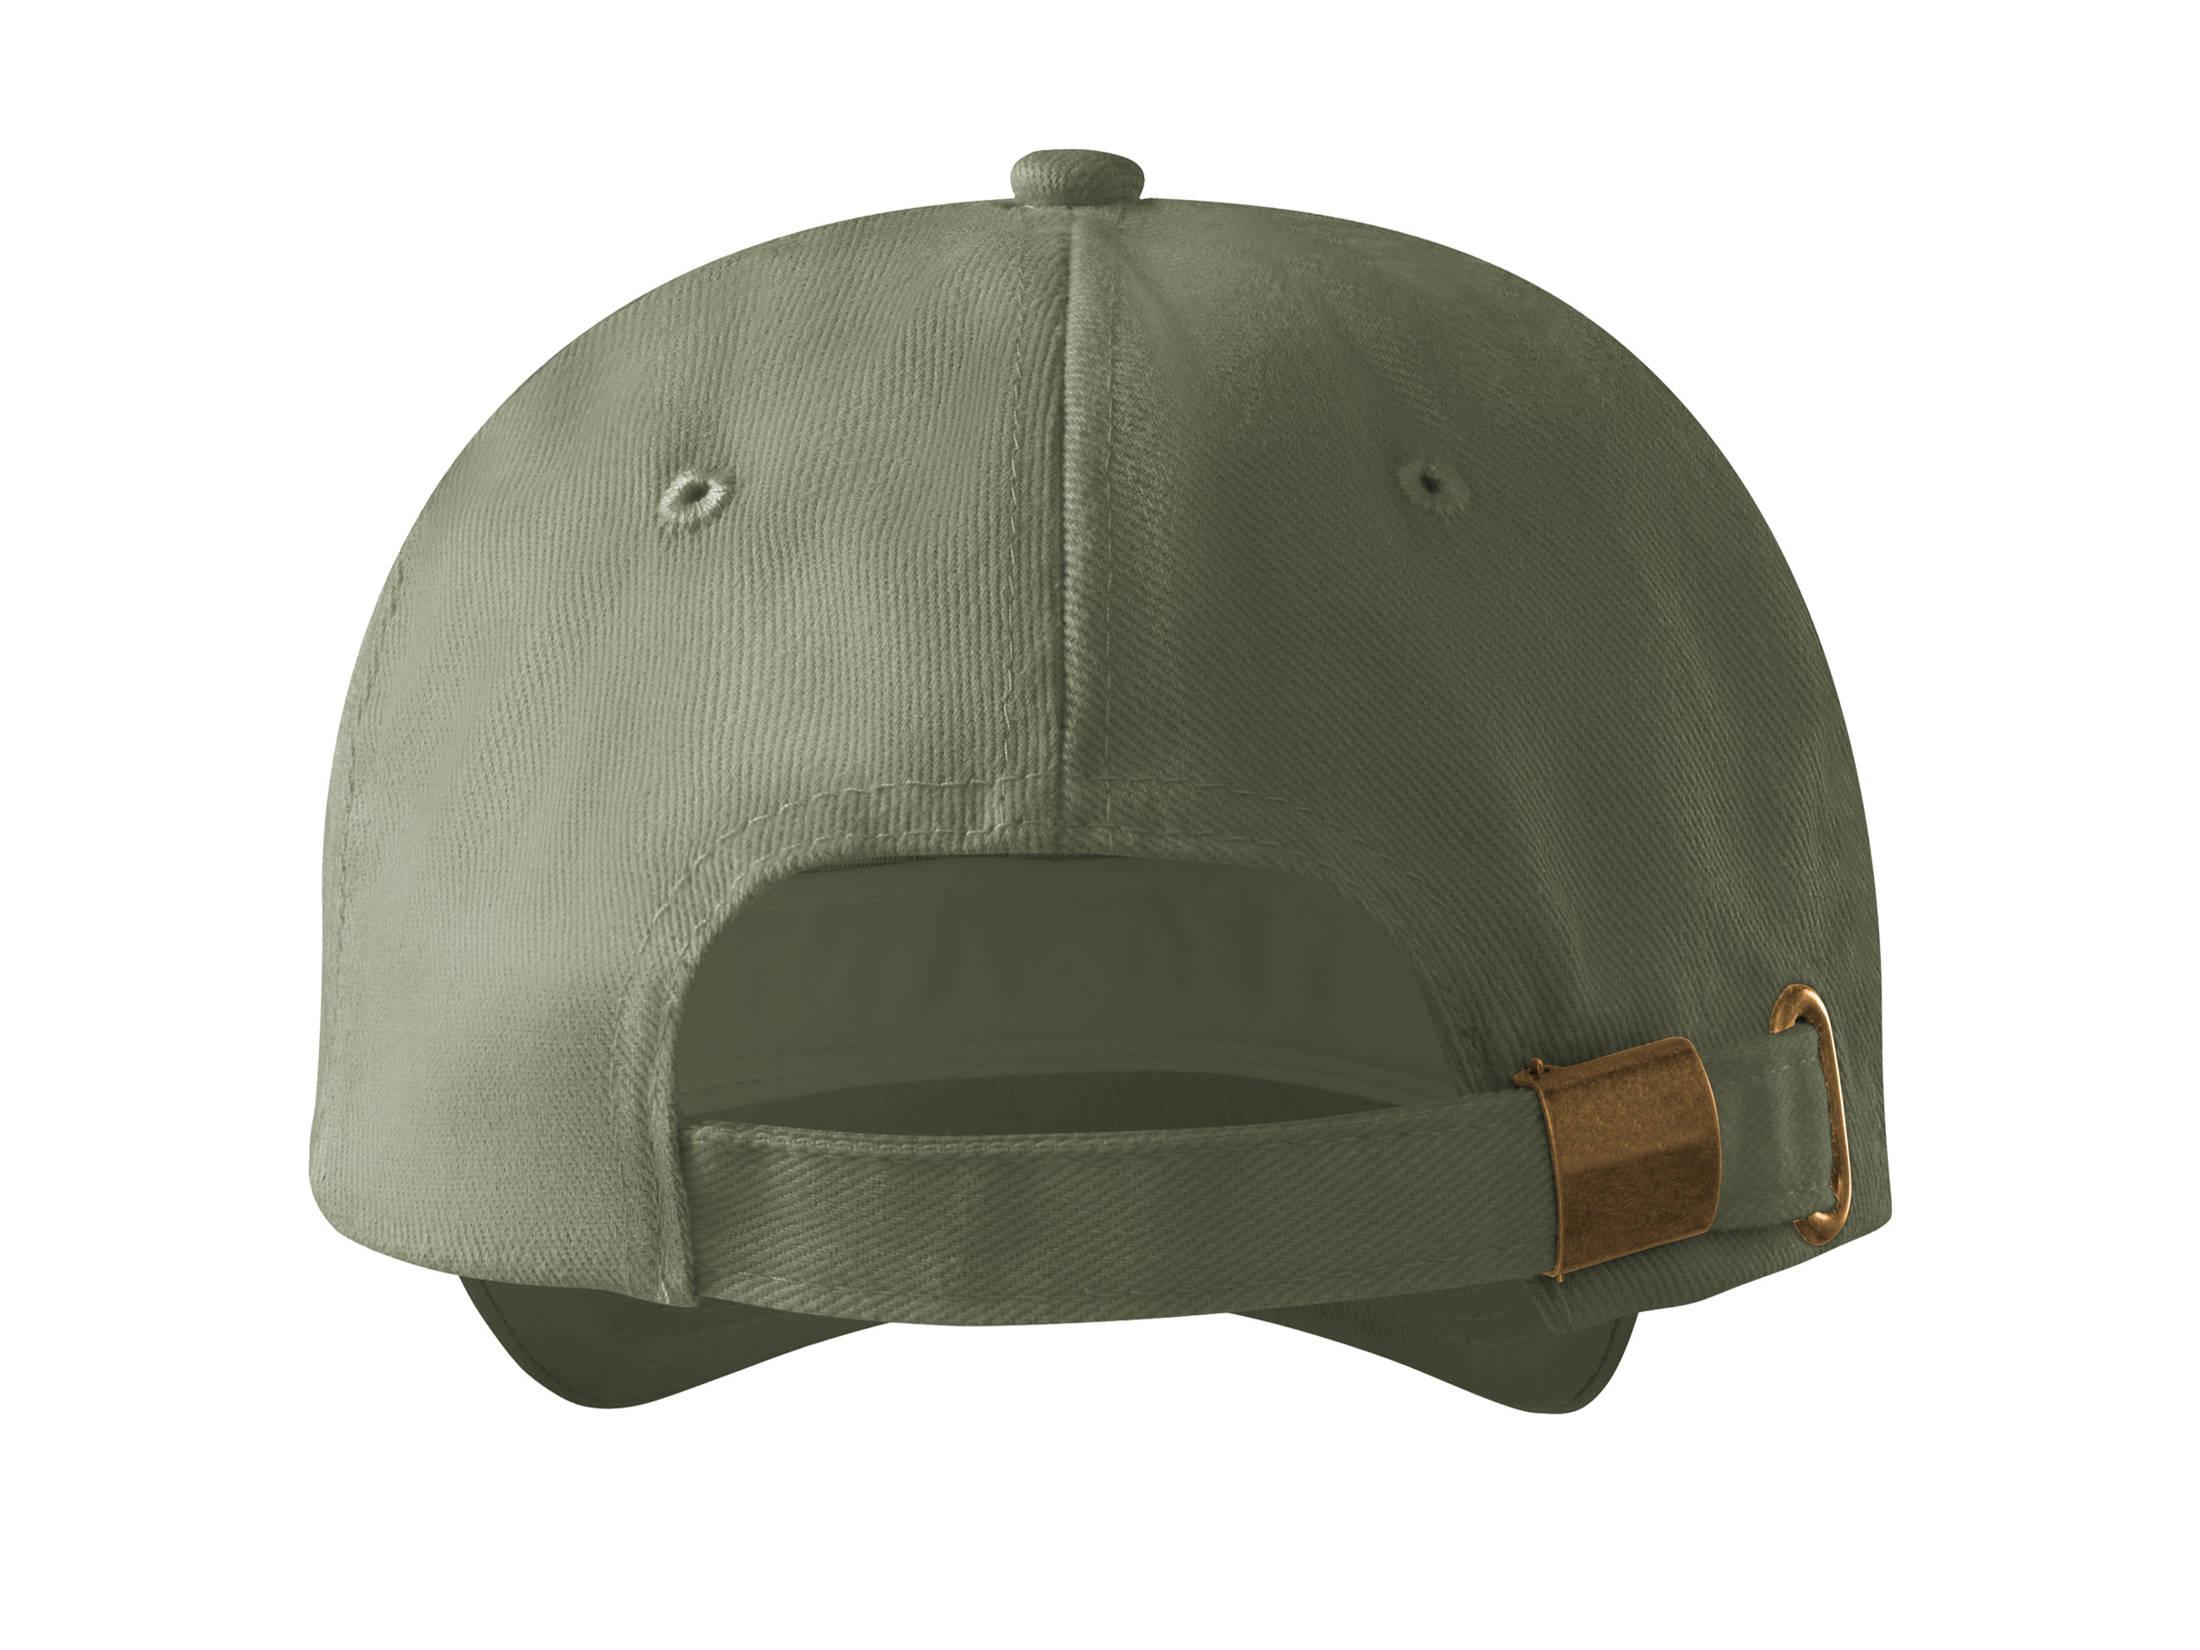 6cb72957d Dzik czapka z daszkiem khaki